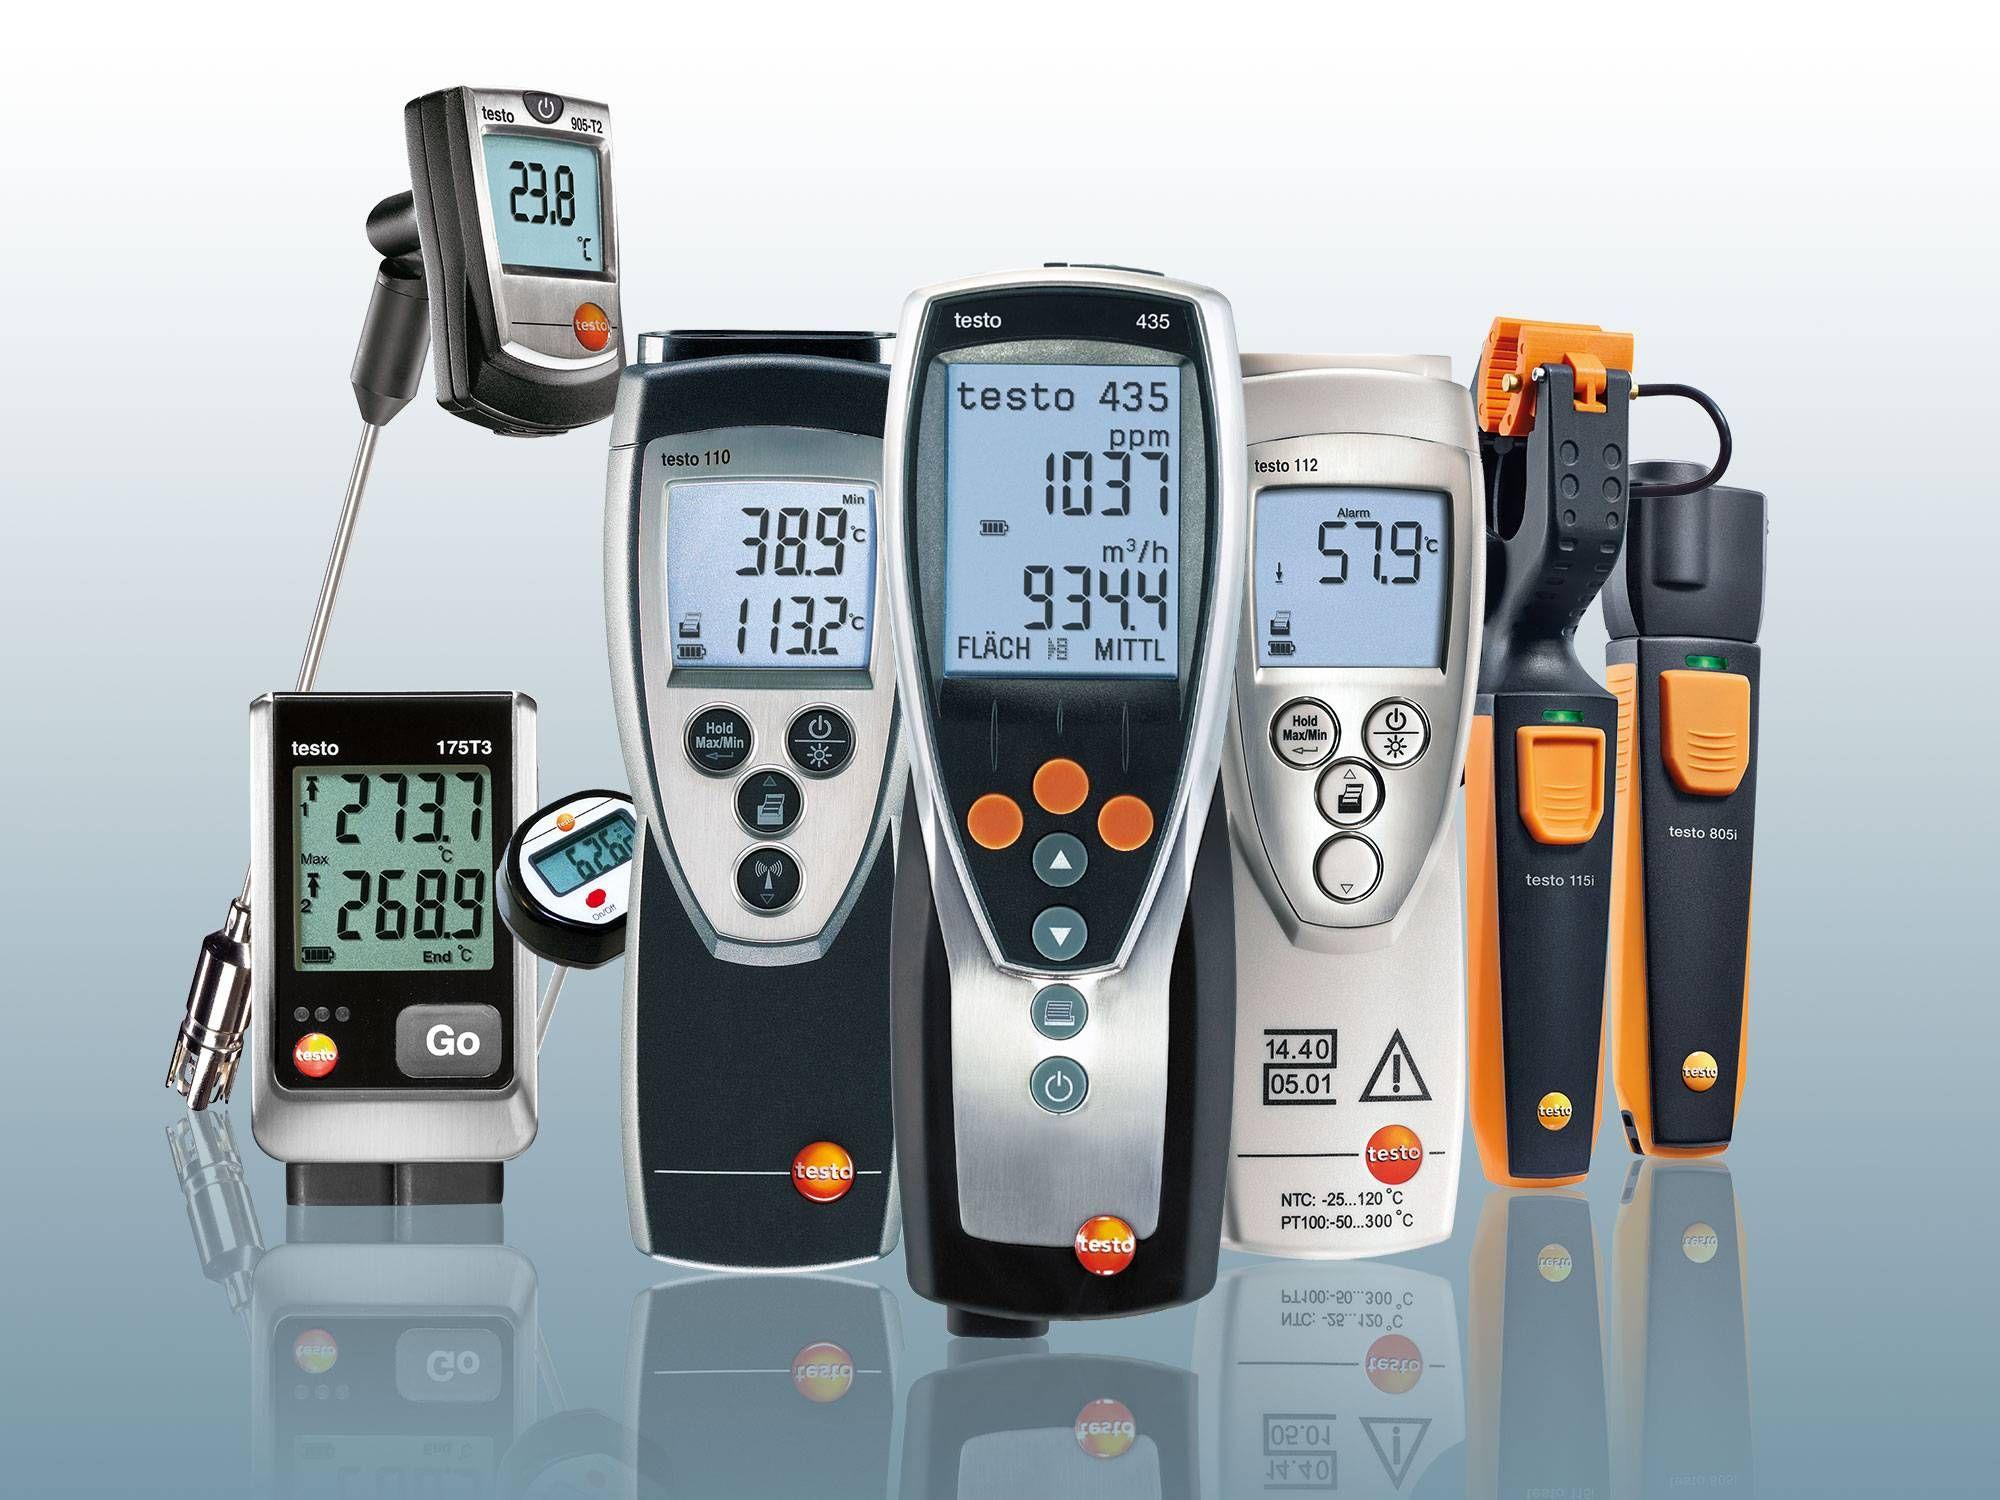 Termômetros de superfície da Testo